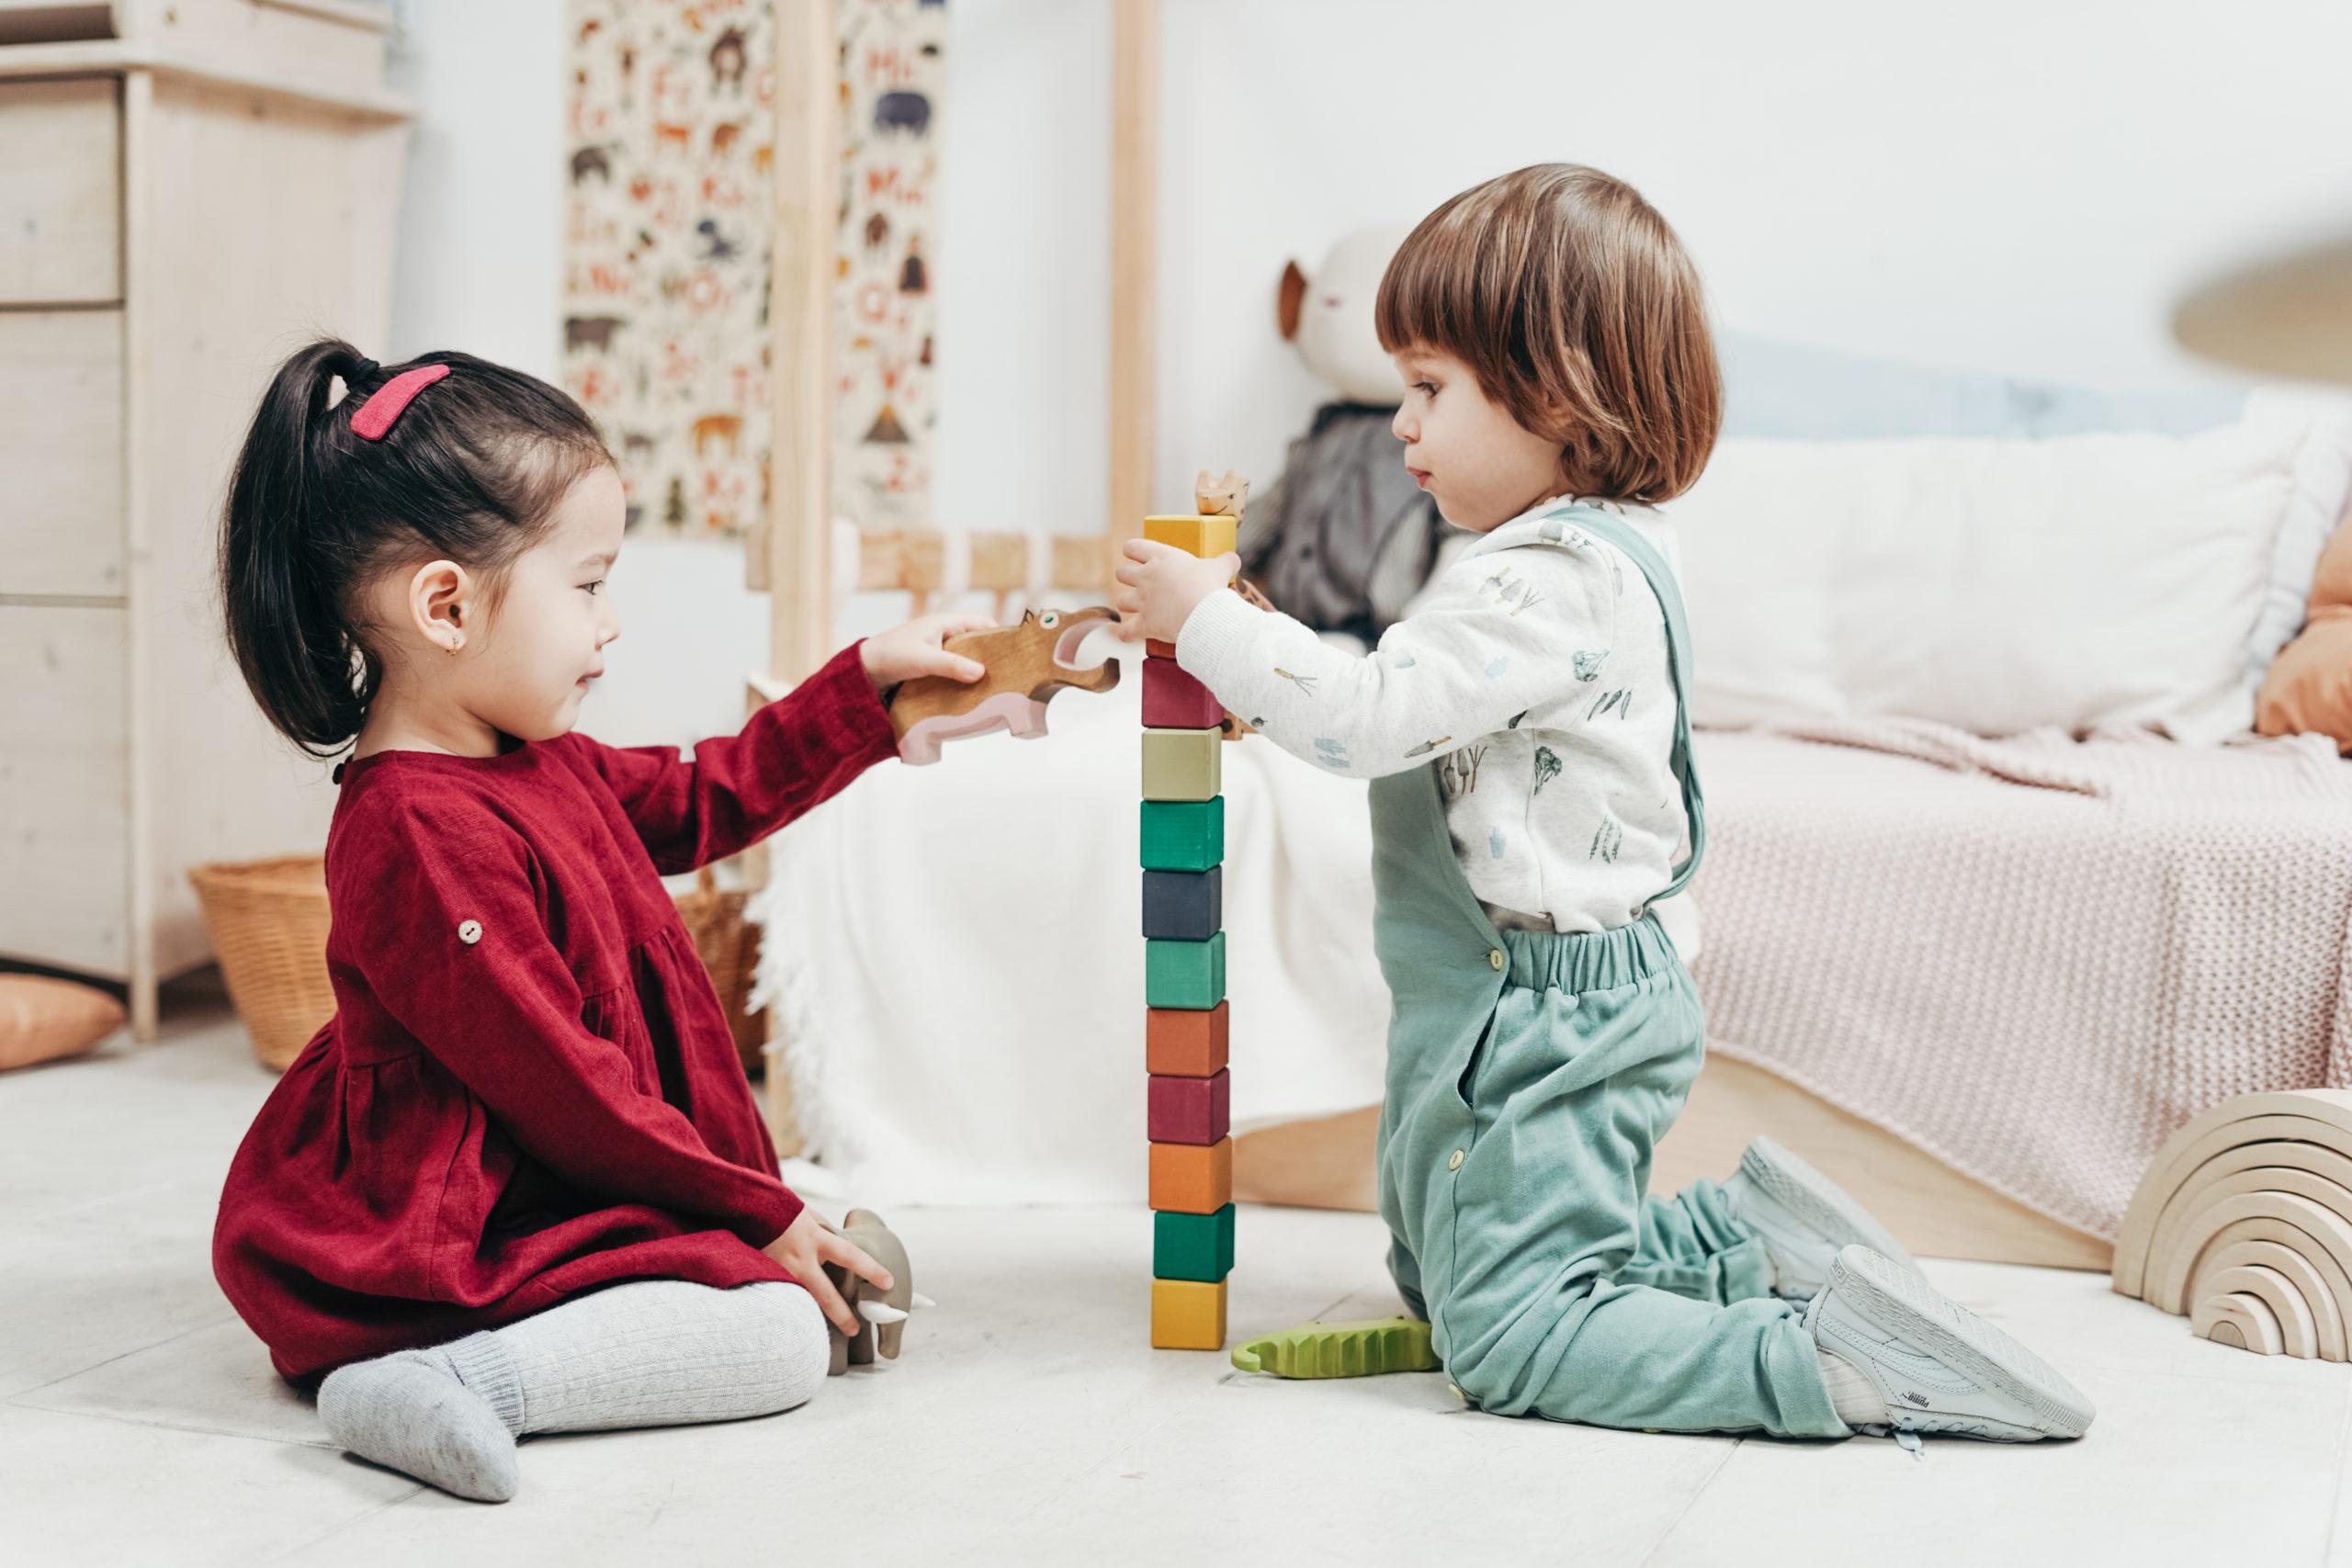 5歳のプレゼントにしたいおすすめ知育玩具【マンカラ・カラハ】